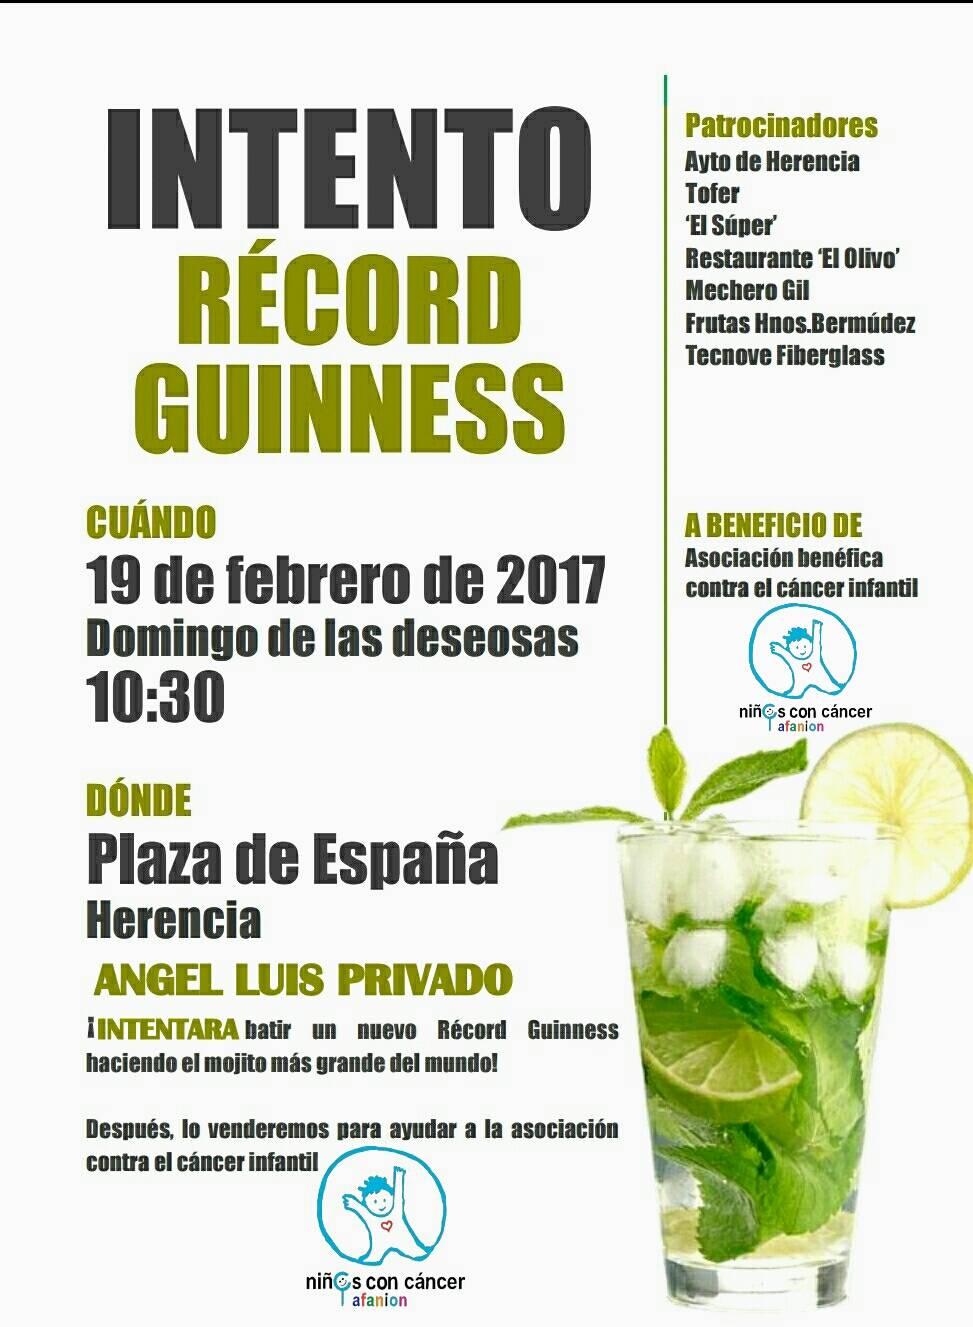 intento de record guinness haciendo el mojito mas grande - Ángel Luis Privado intentará superar un récord Guinness en Herencia